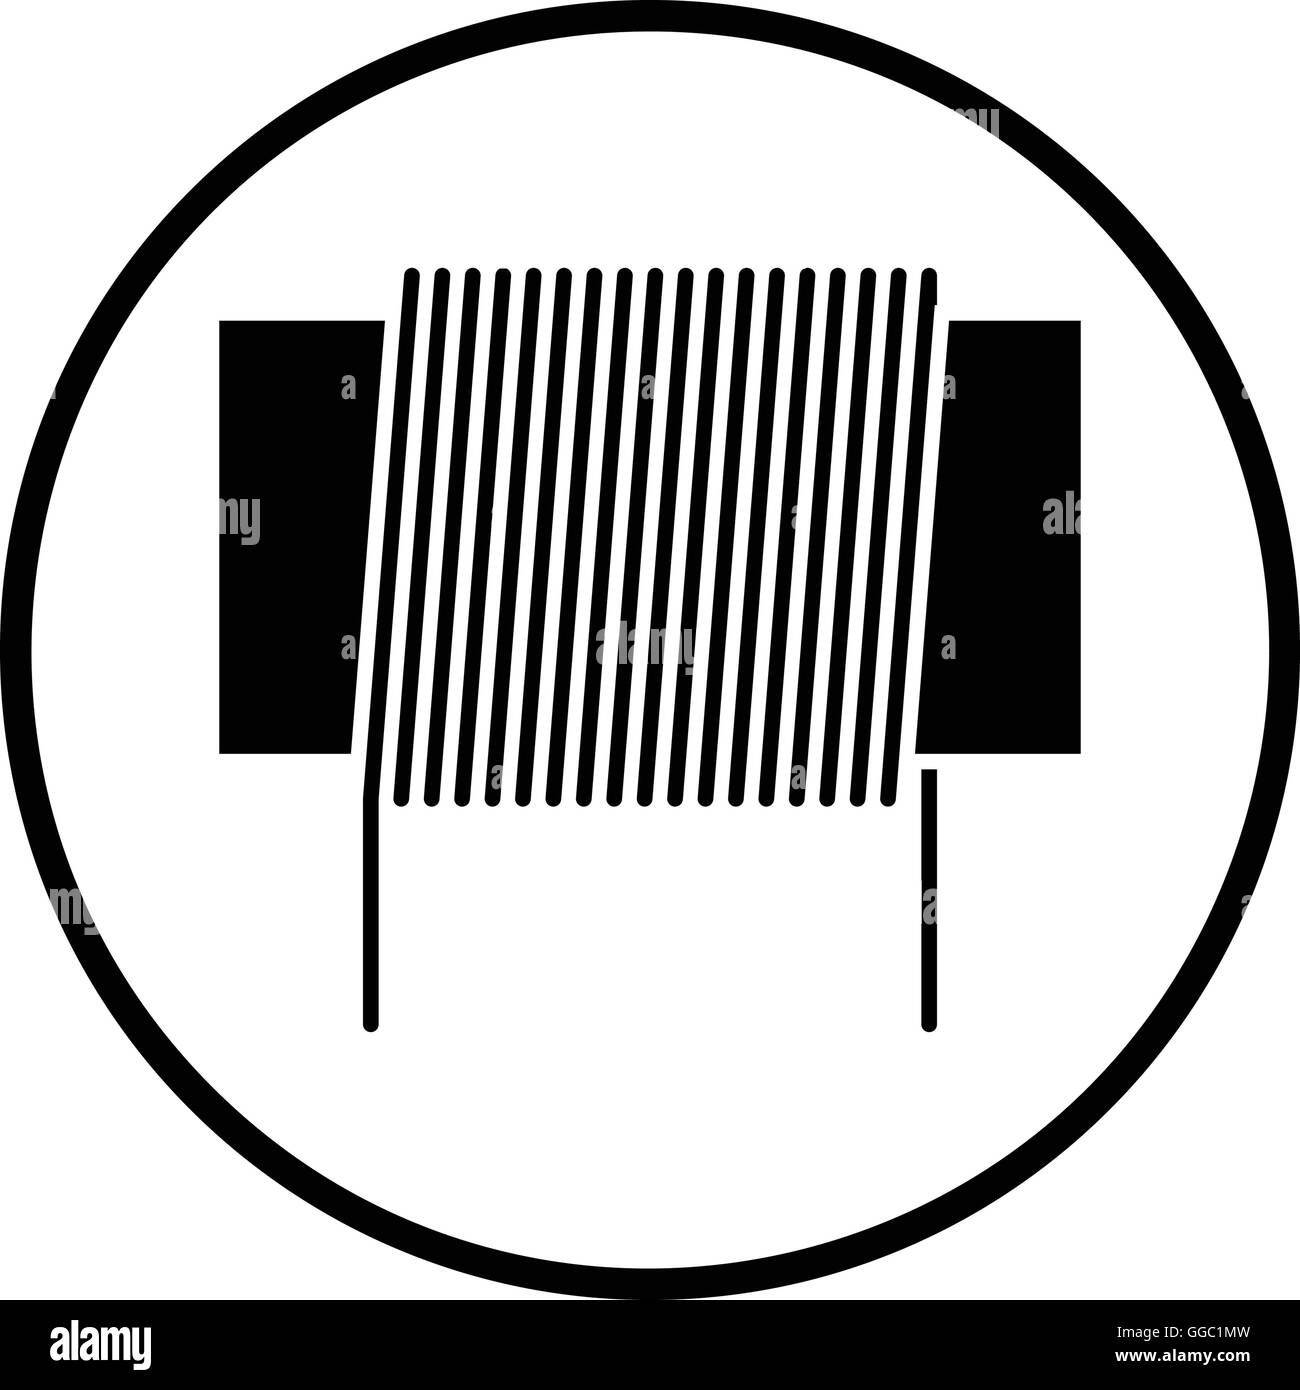 Tolle Symbol Für Magnetspule Fotos - Die Besten Elektrischen ...